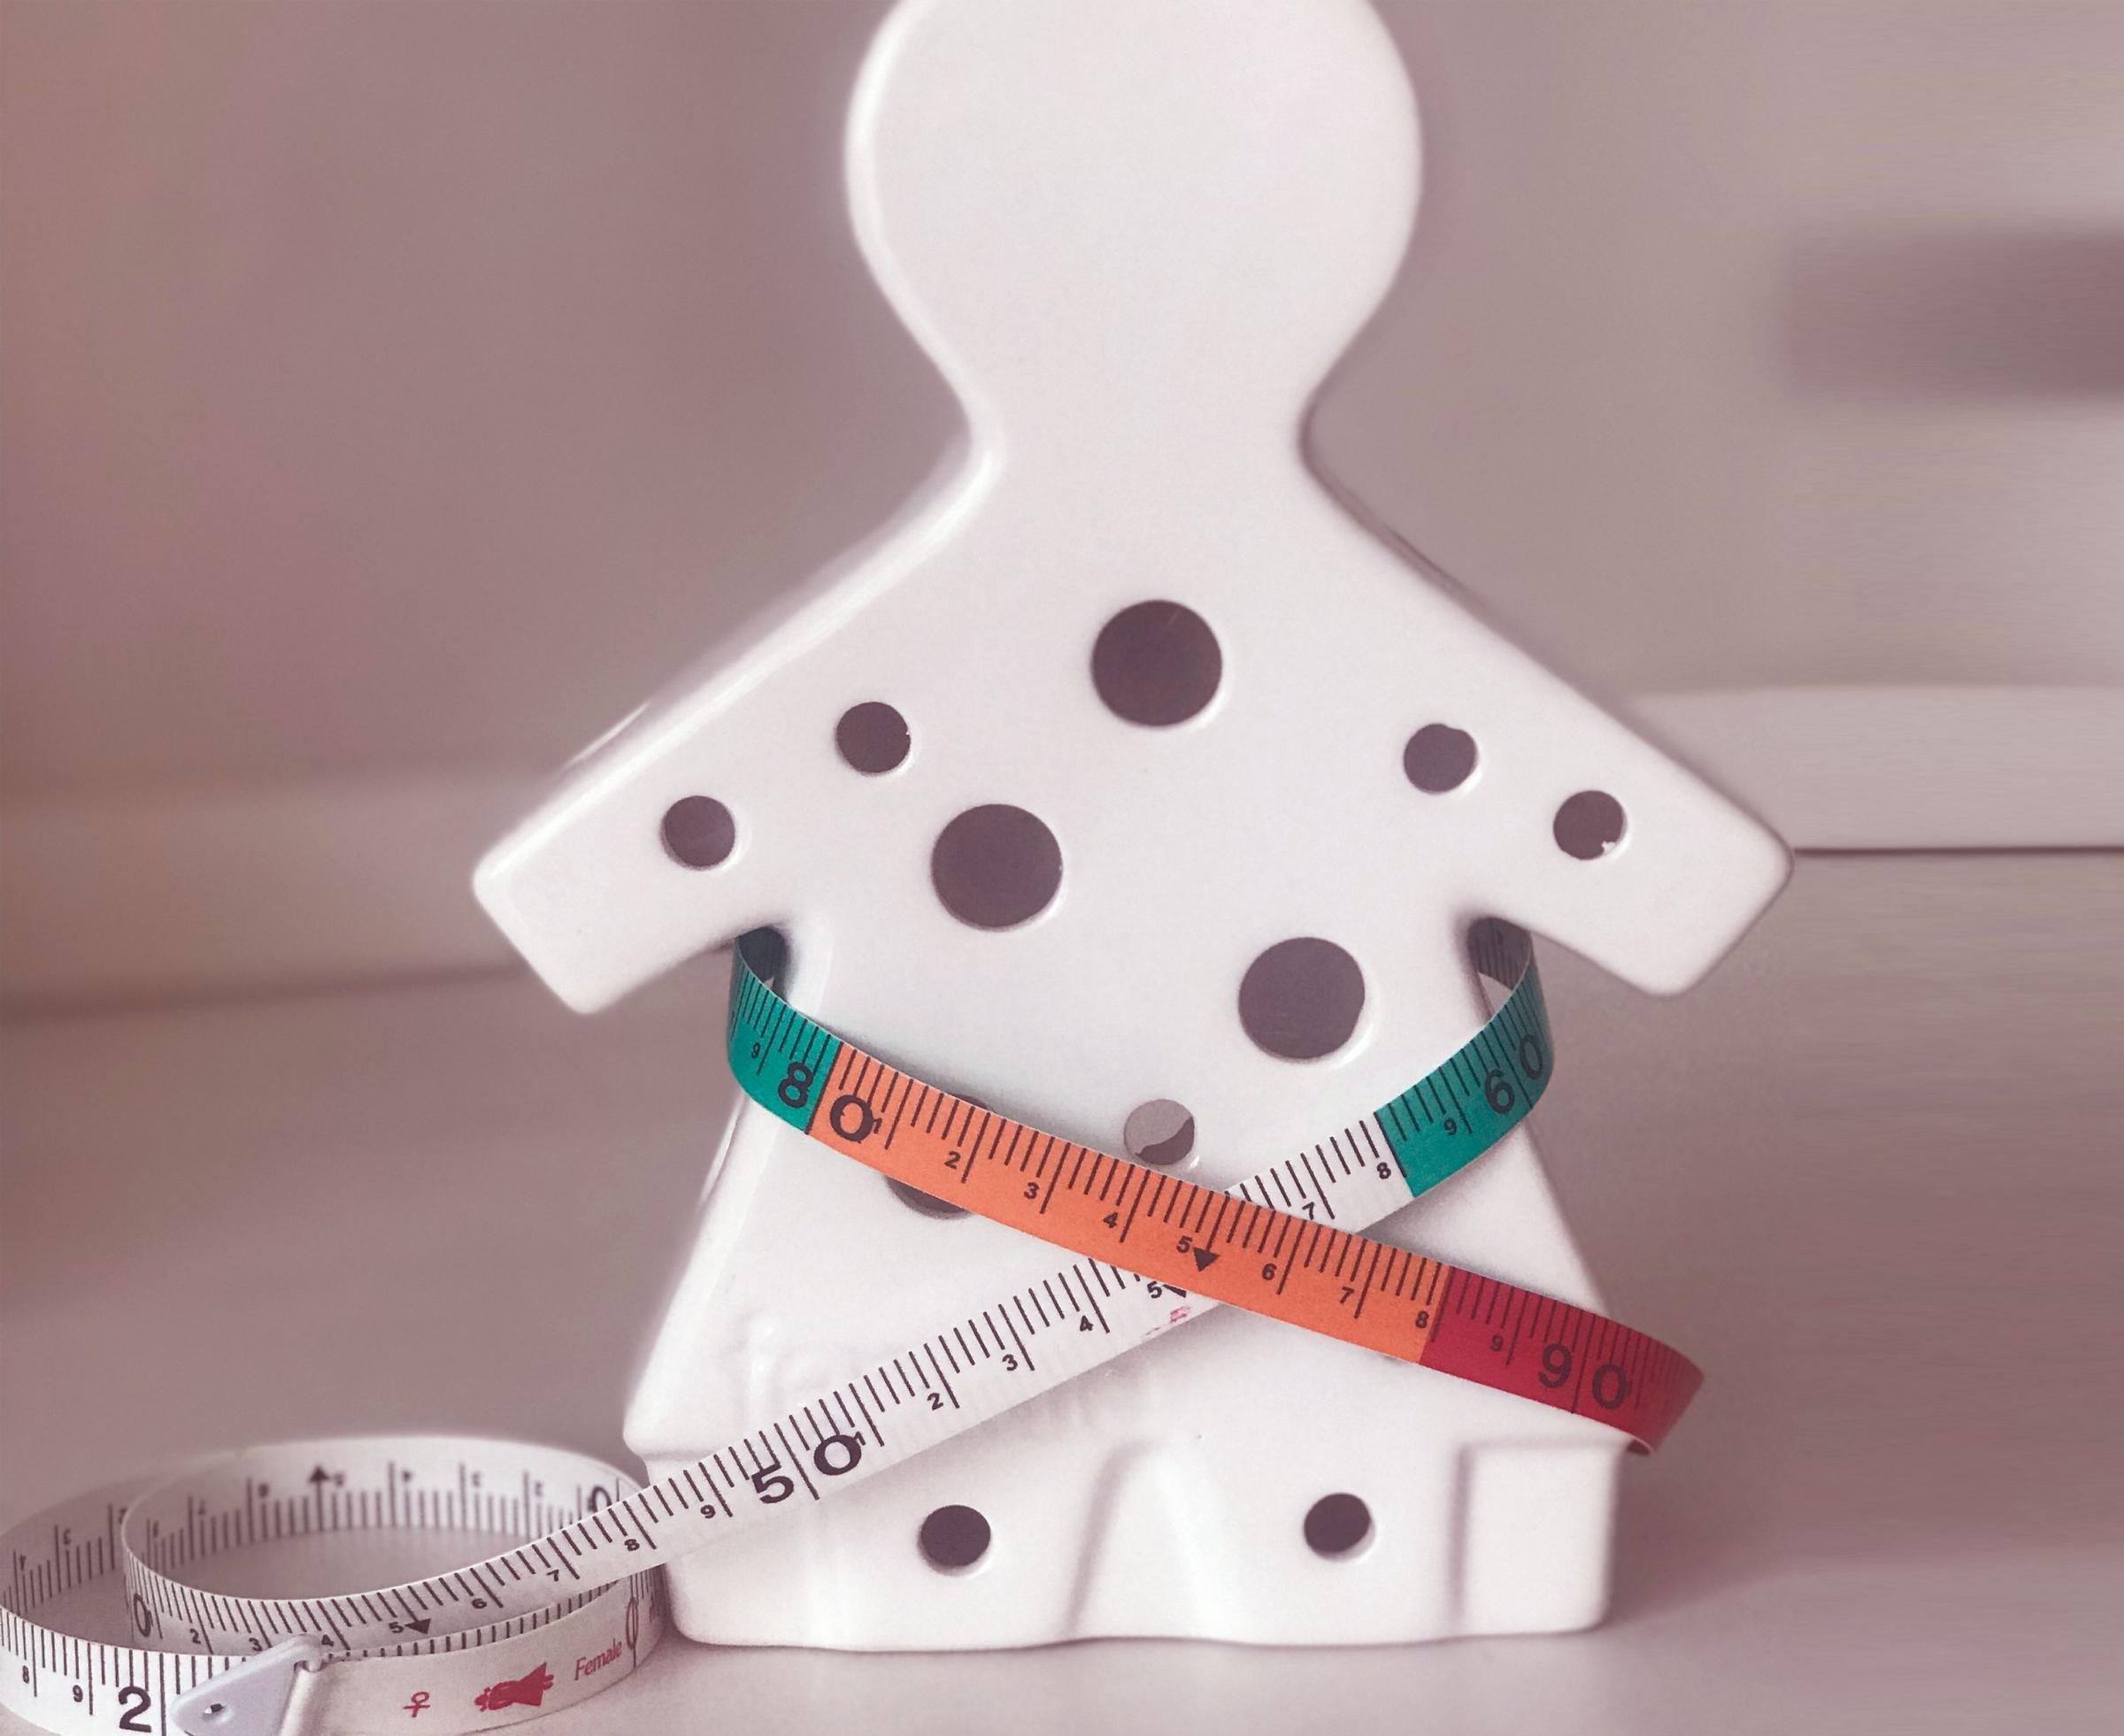 שומן בטני עלול להיות קשור למחלות, גם כשה-BMI תקין. מדידת היקף המותניים | צילום אילוסטרציה: Dao_Duangkamol, Shutterstock